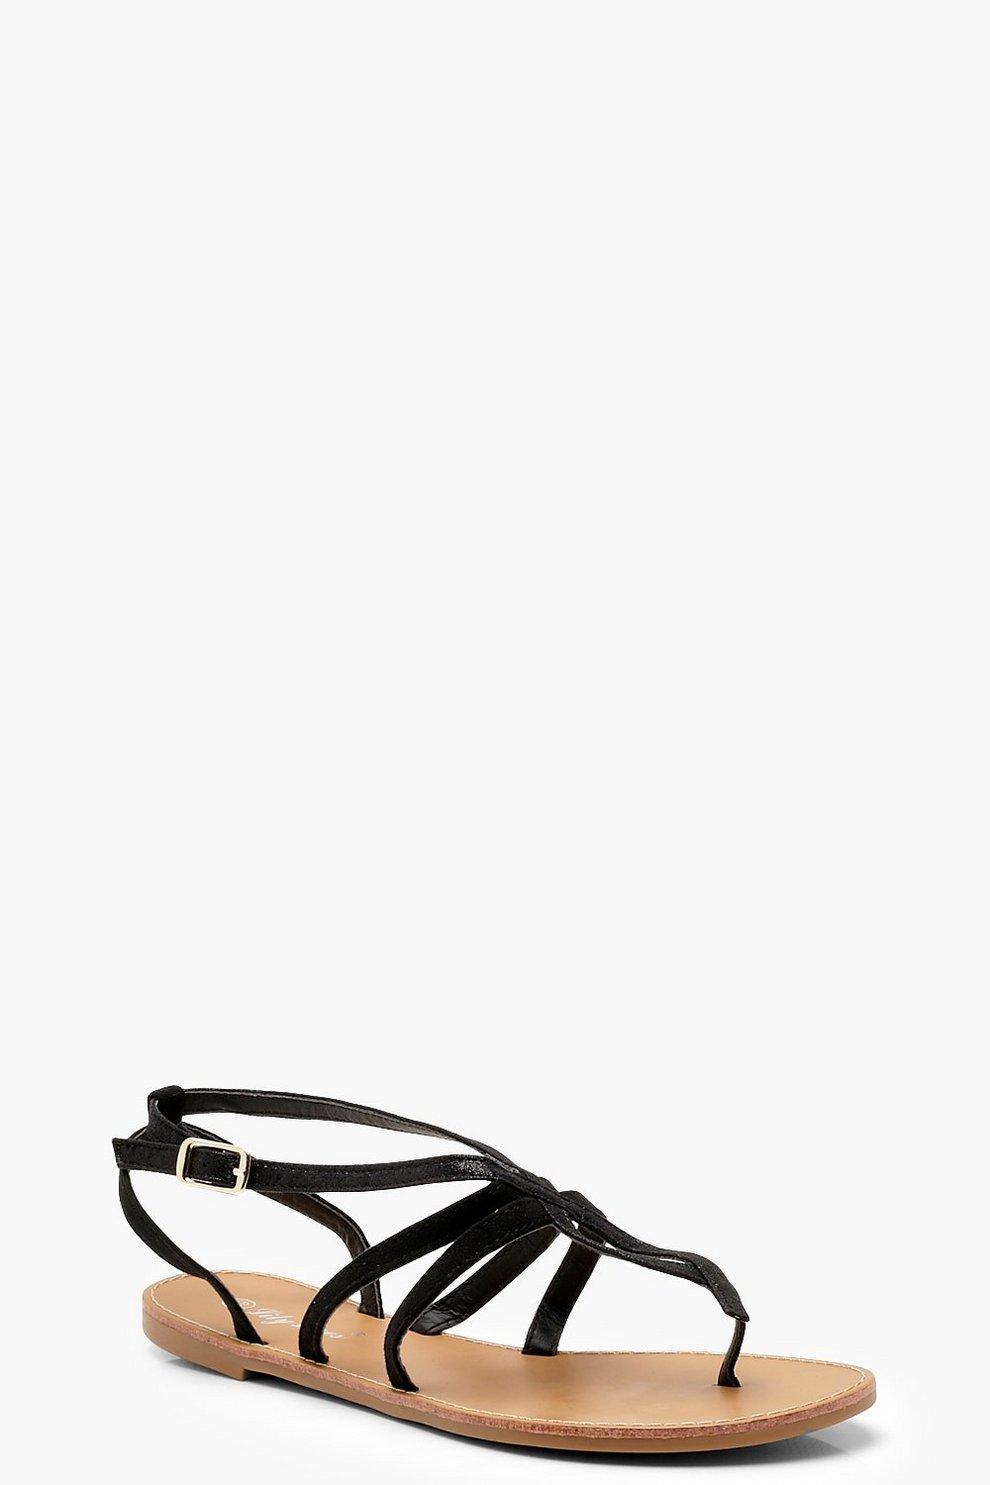 fa4ec96c1 Womens Black Toe Post Strappy Sandals